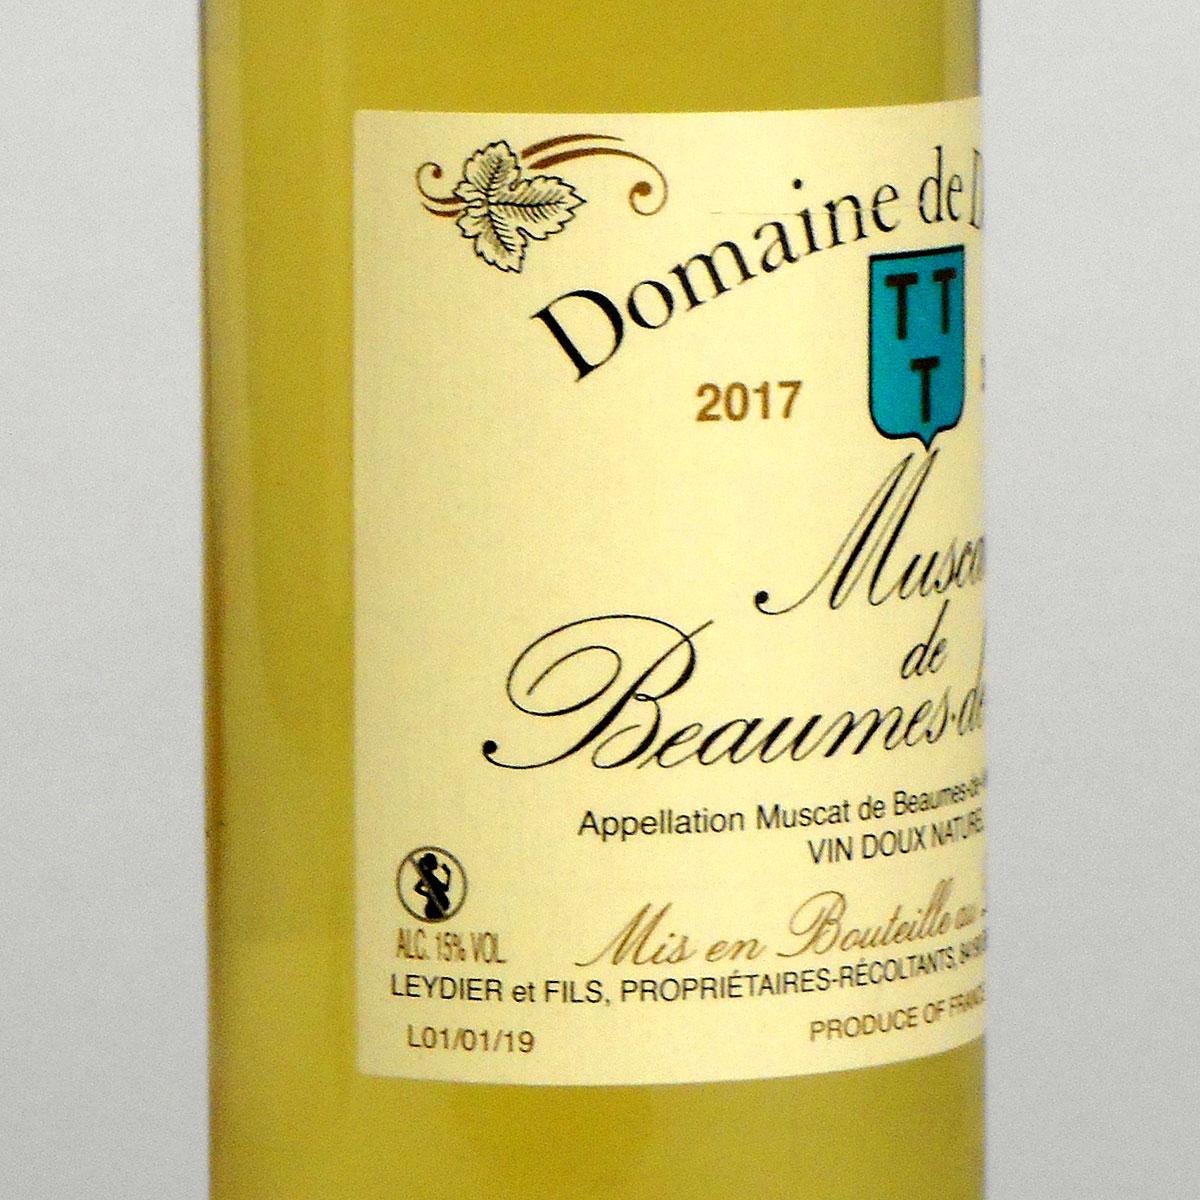 Muscat de Beaumes de Venise: Domaine de Durban 2017 - Bottle Side Label